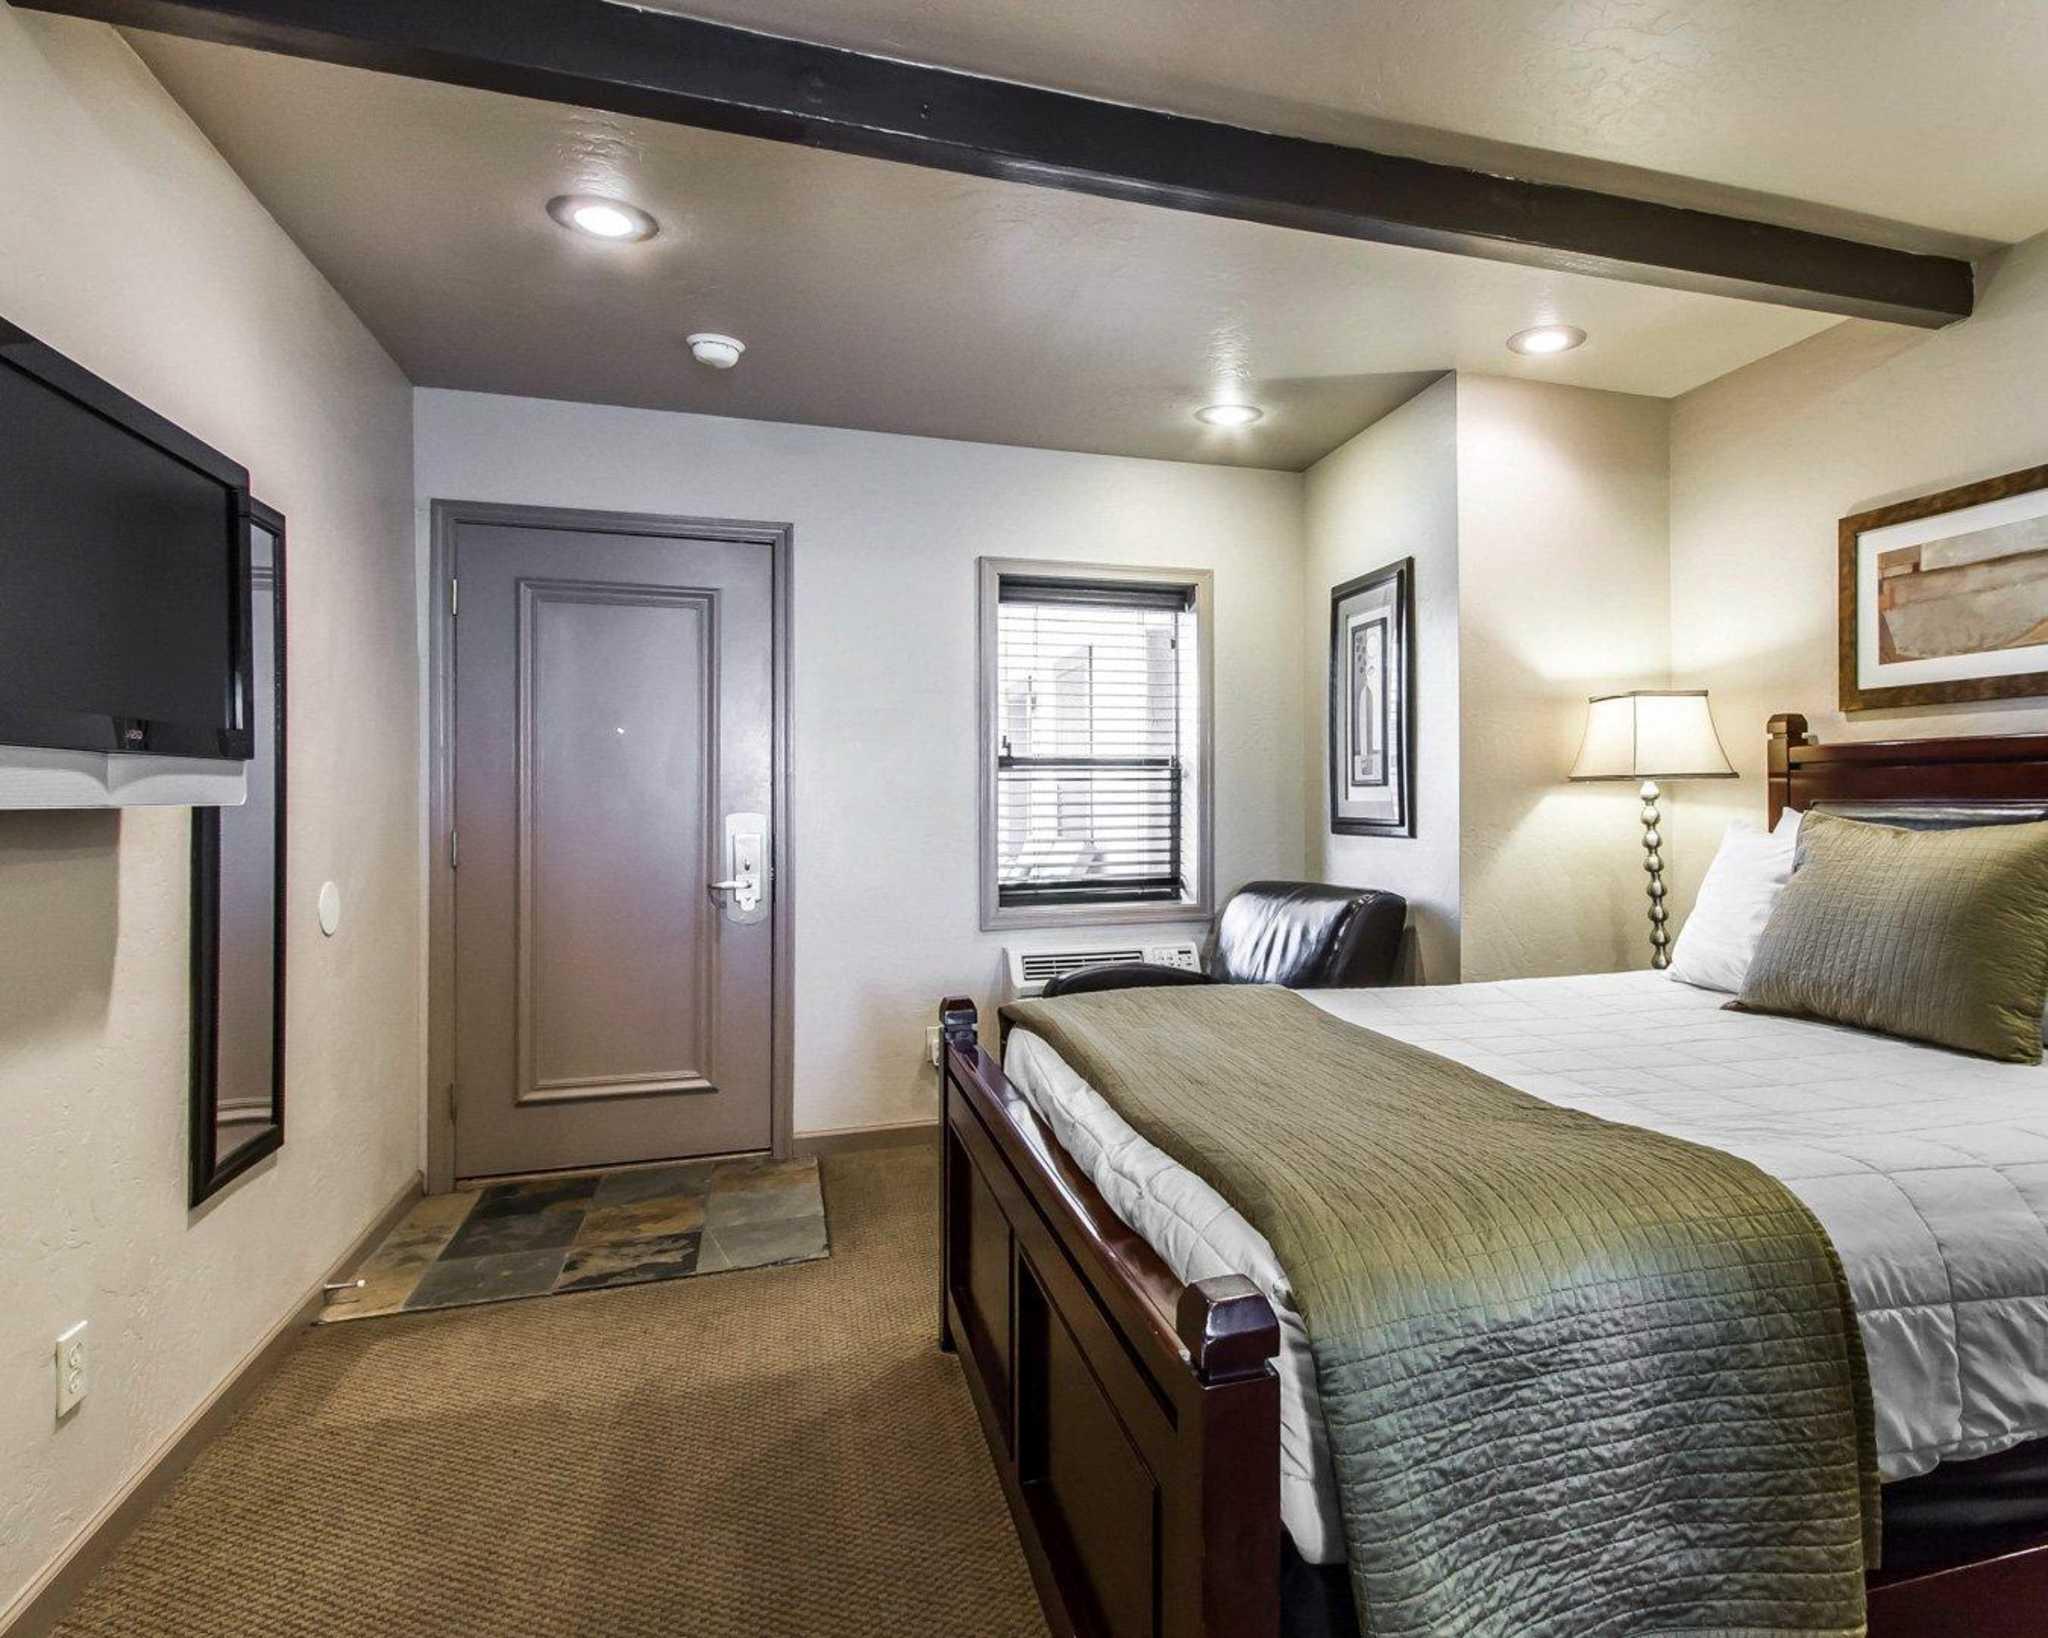 Rodeway Inn & Suites Downtowner-Rte 66 image 4